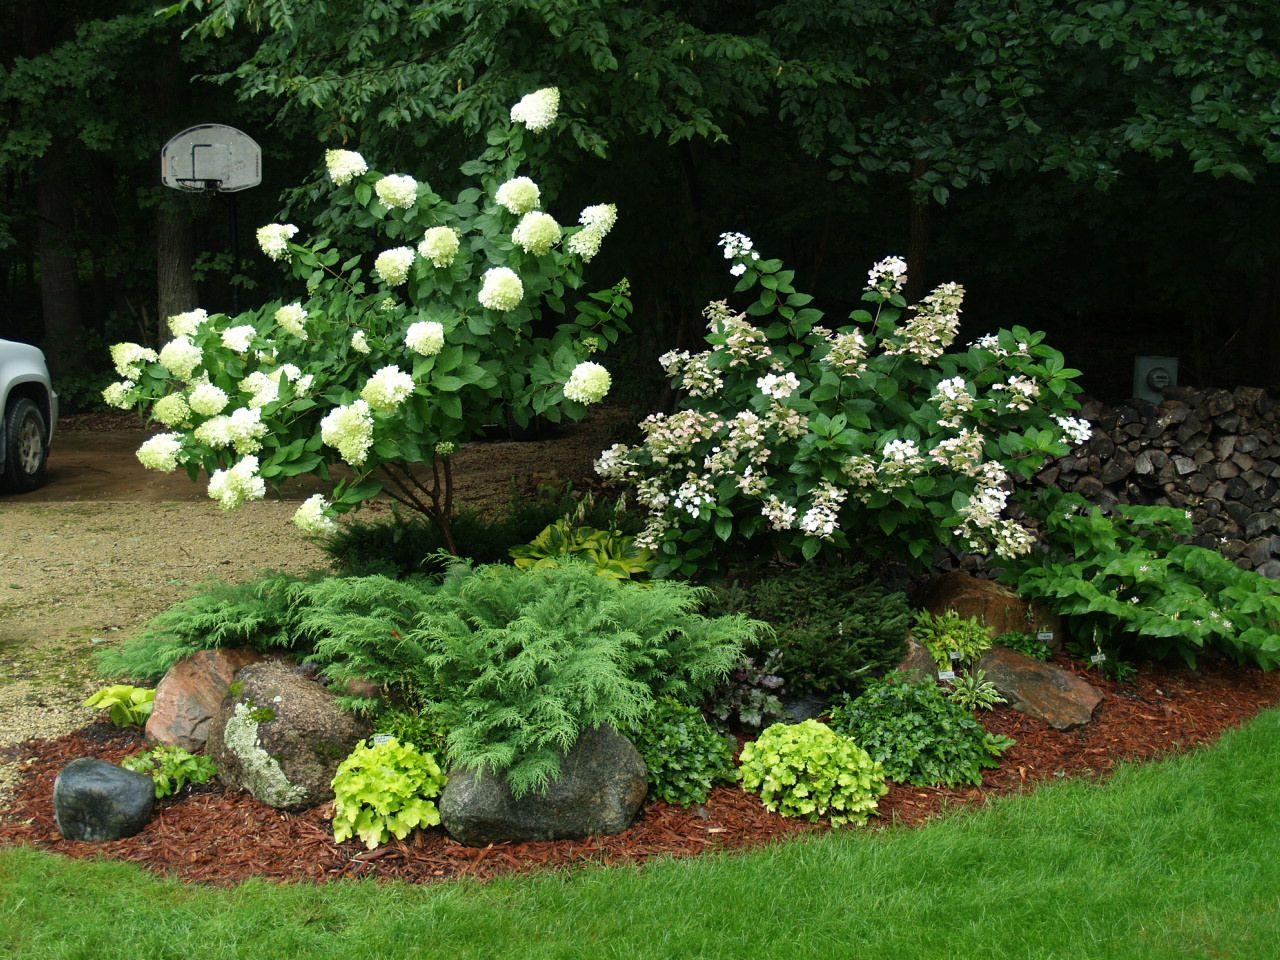 Hydrangea Trees Hydrangea Garden Evergreen Landscape Front Yard Hydrangea Landscaping